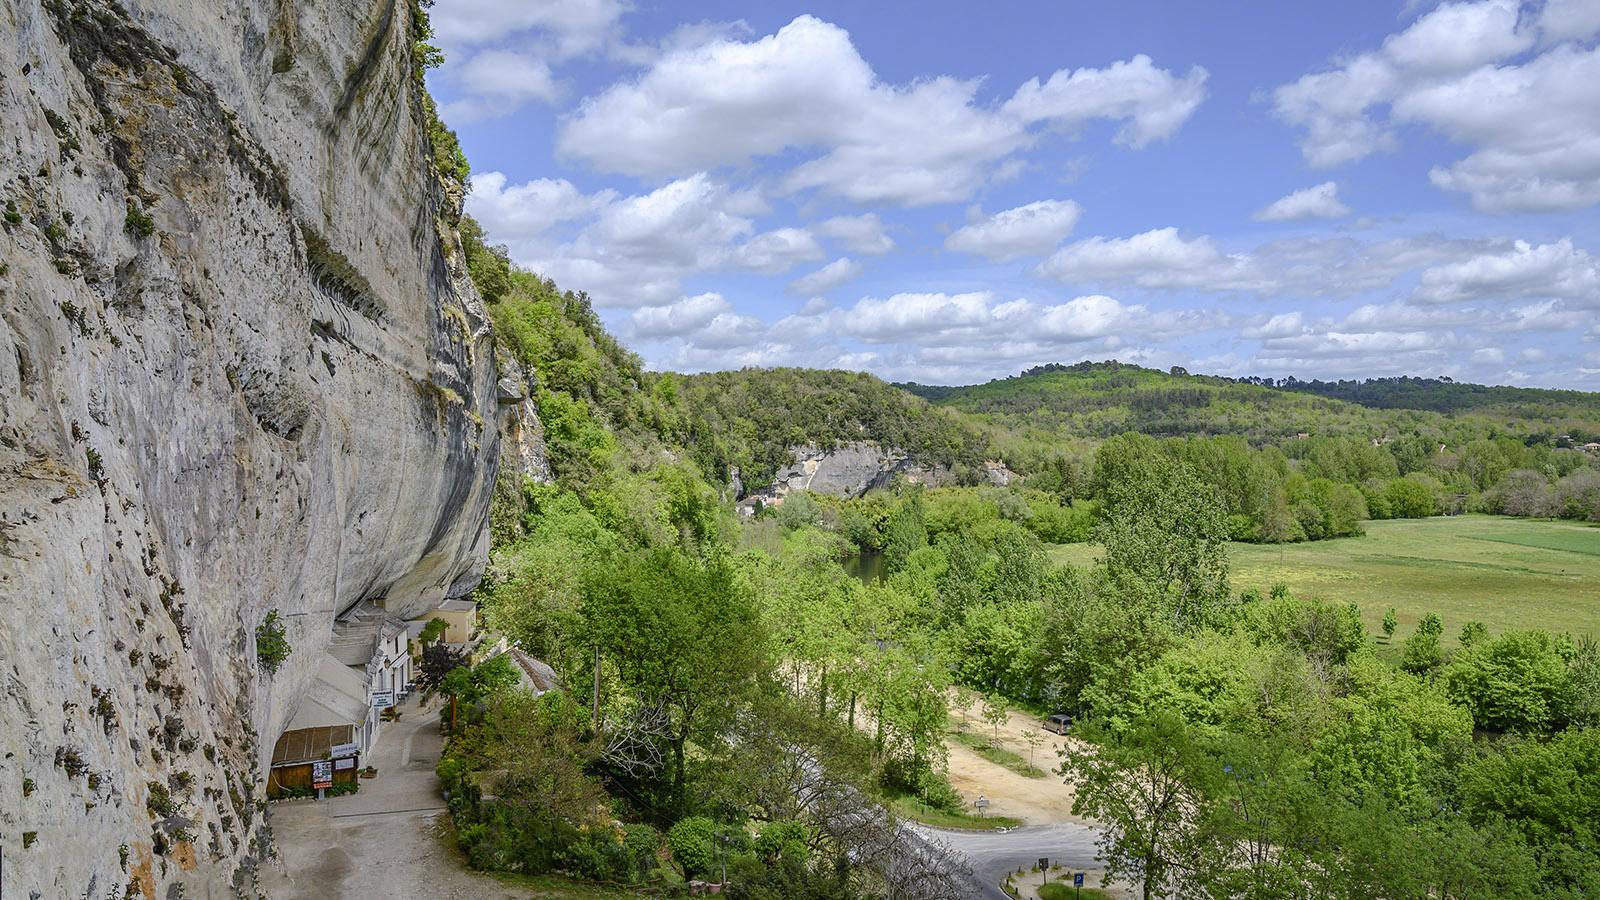 Der Blick vom Grand Roc auf das Tal der Vézère. Foto: Hilke Maunder